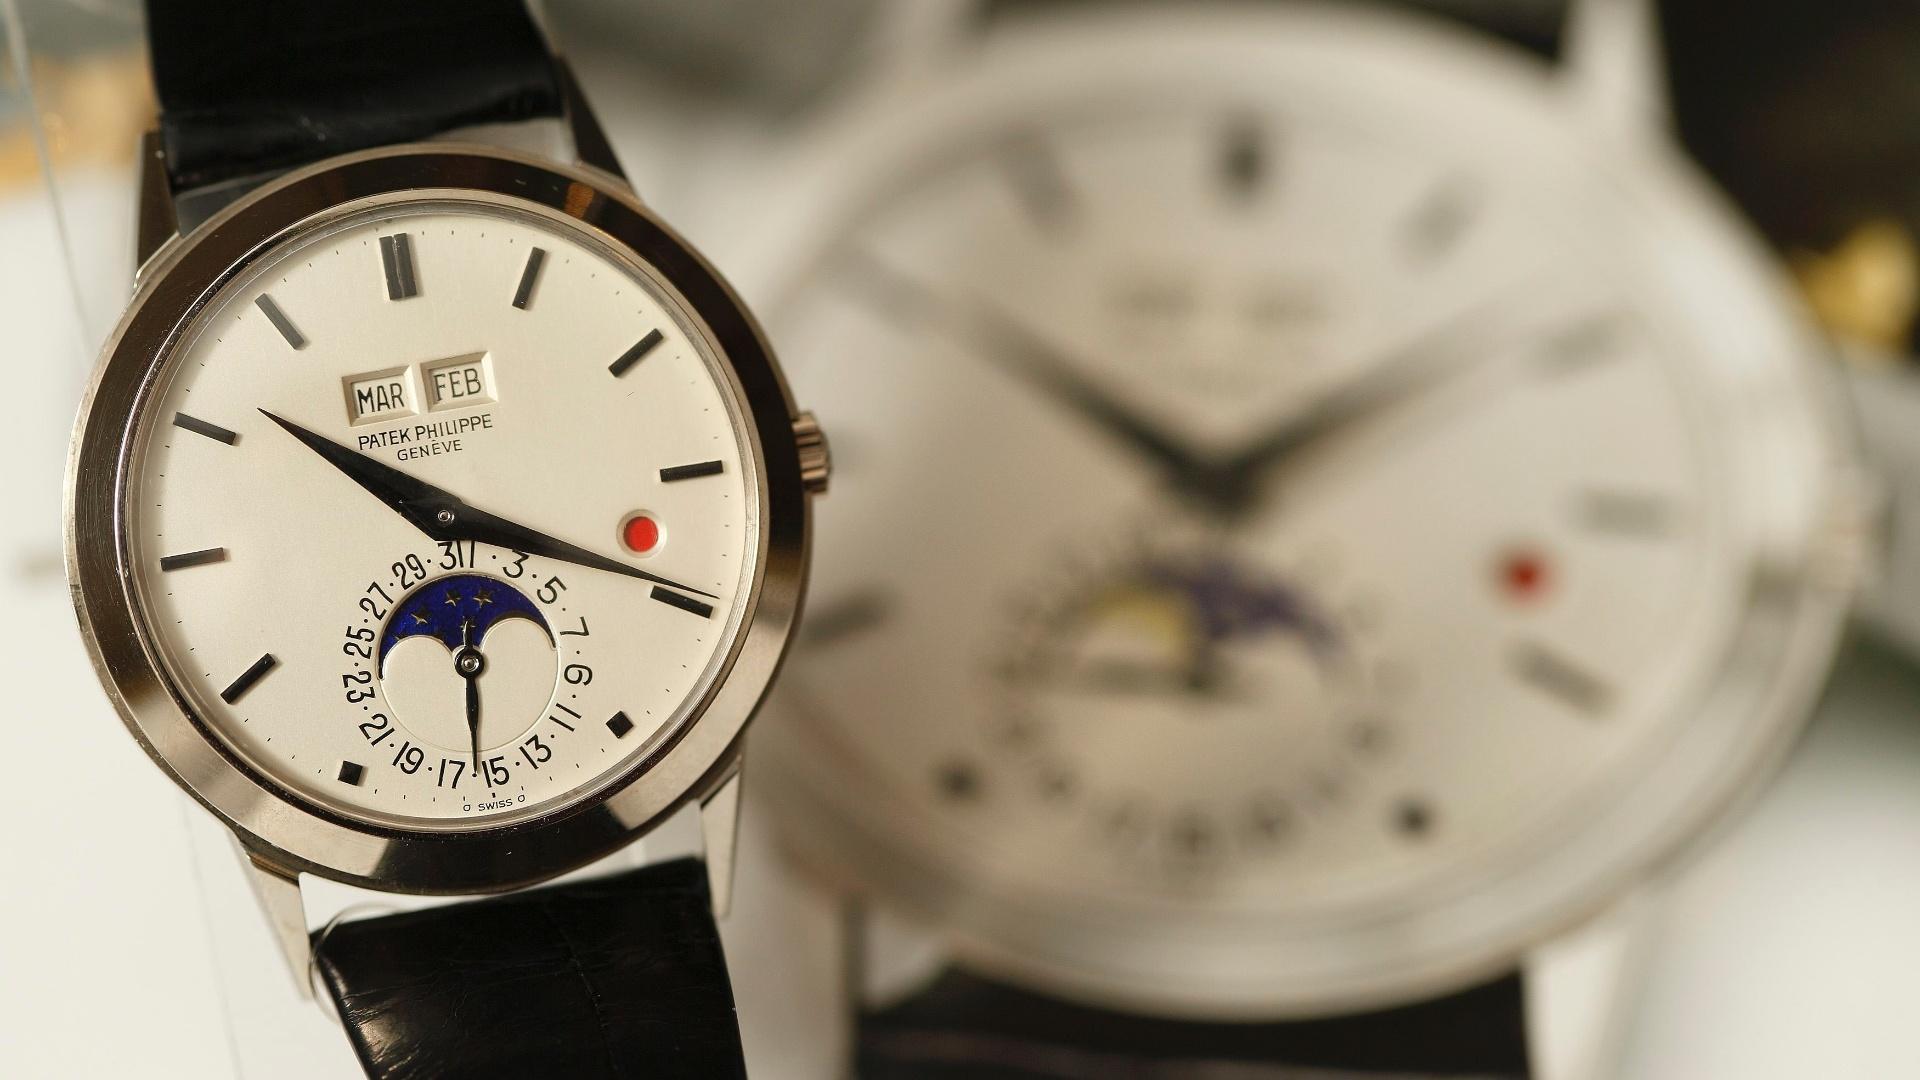 4236c876a8b Fabricantes de relógio estão obrigados a colocar selos em produtos -  15 01 2015 - UOL Economia